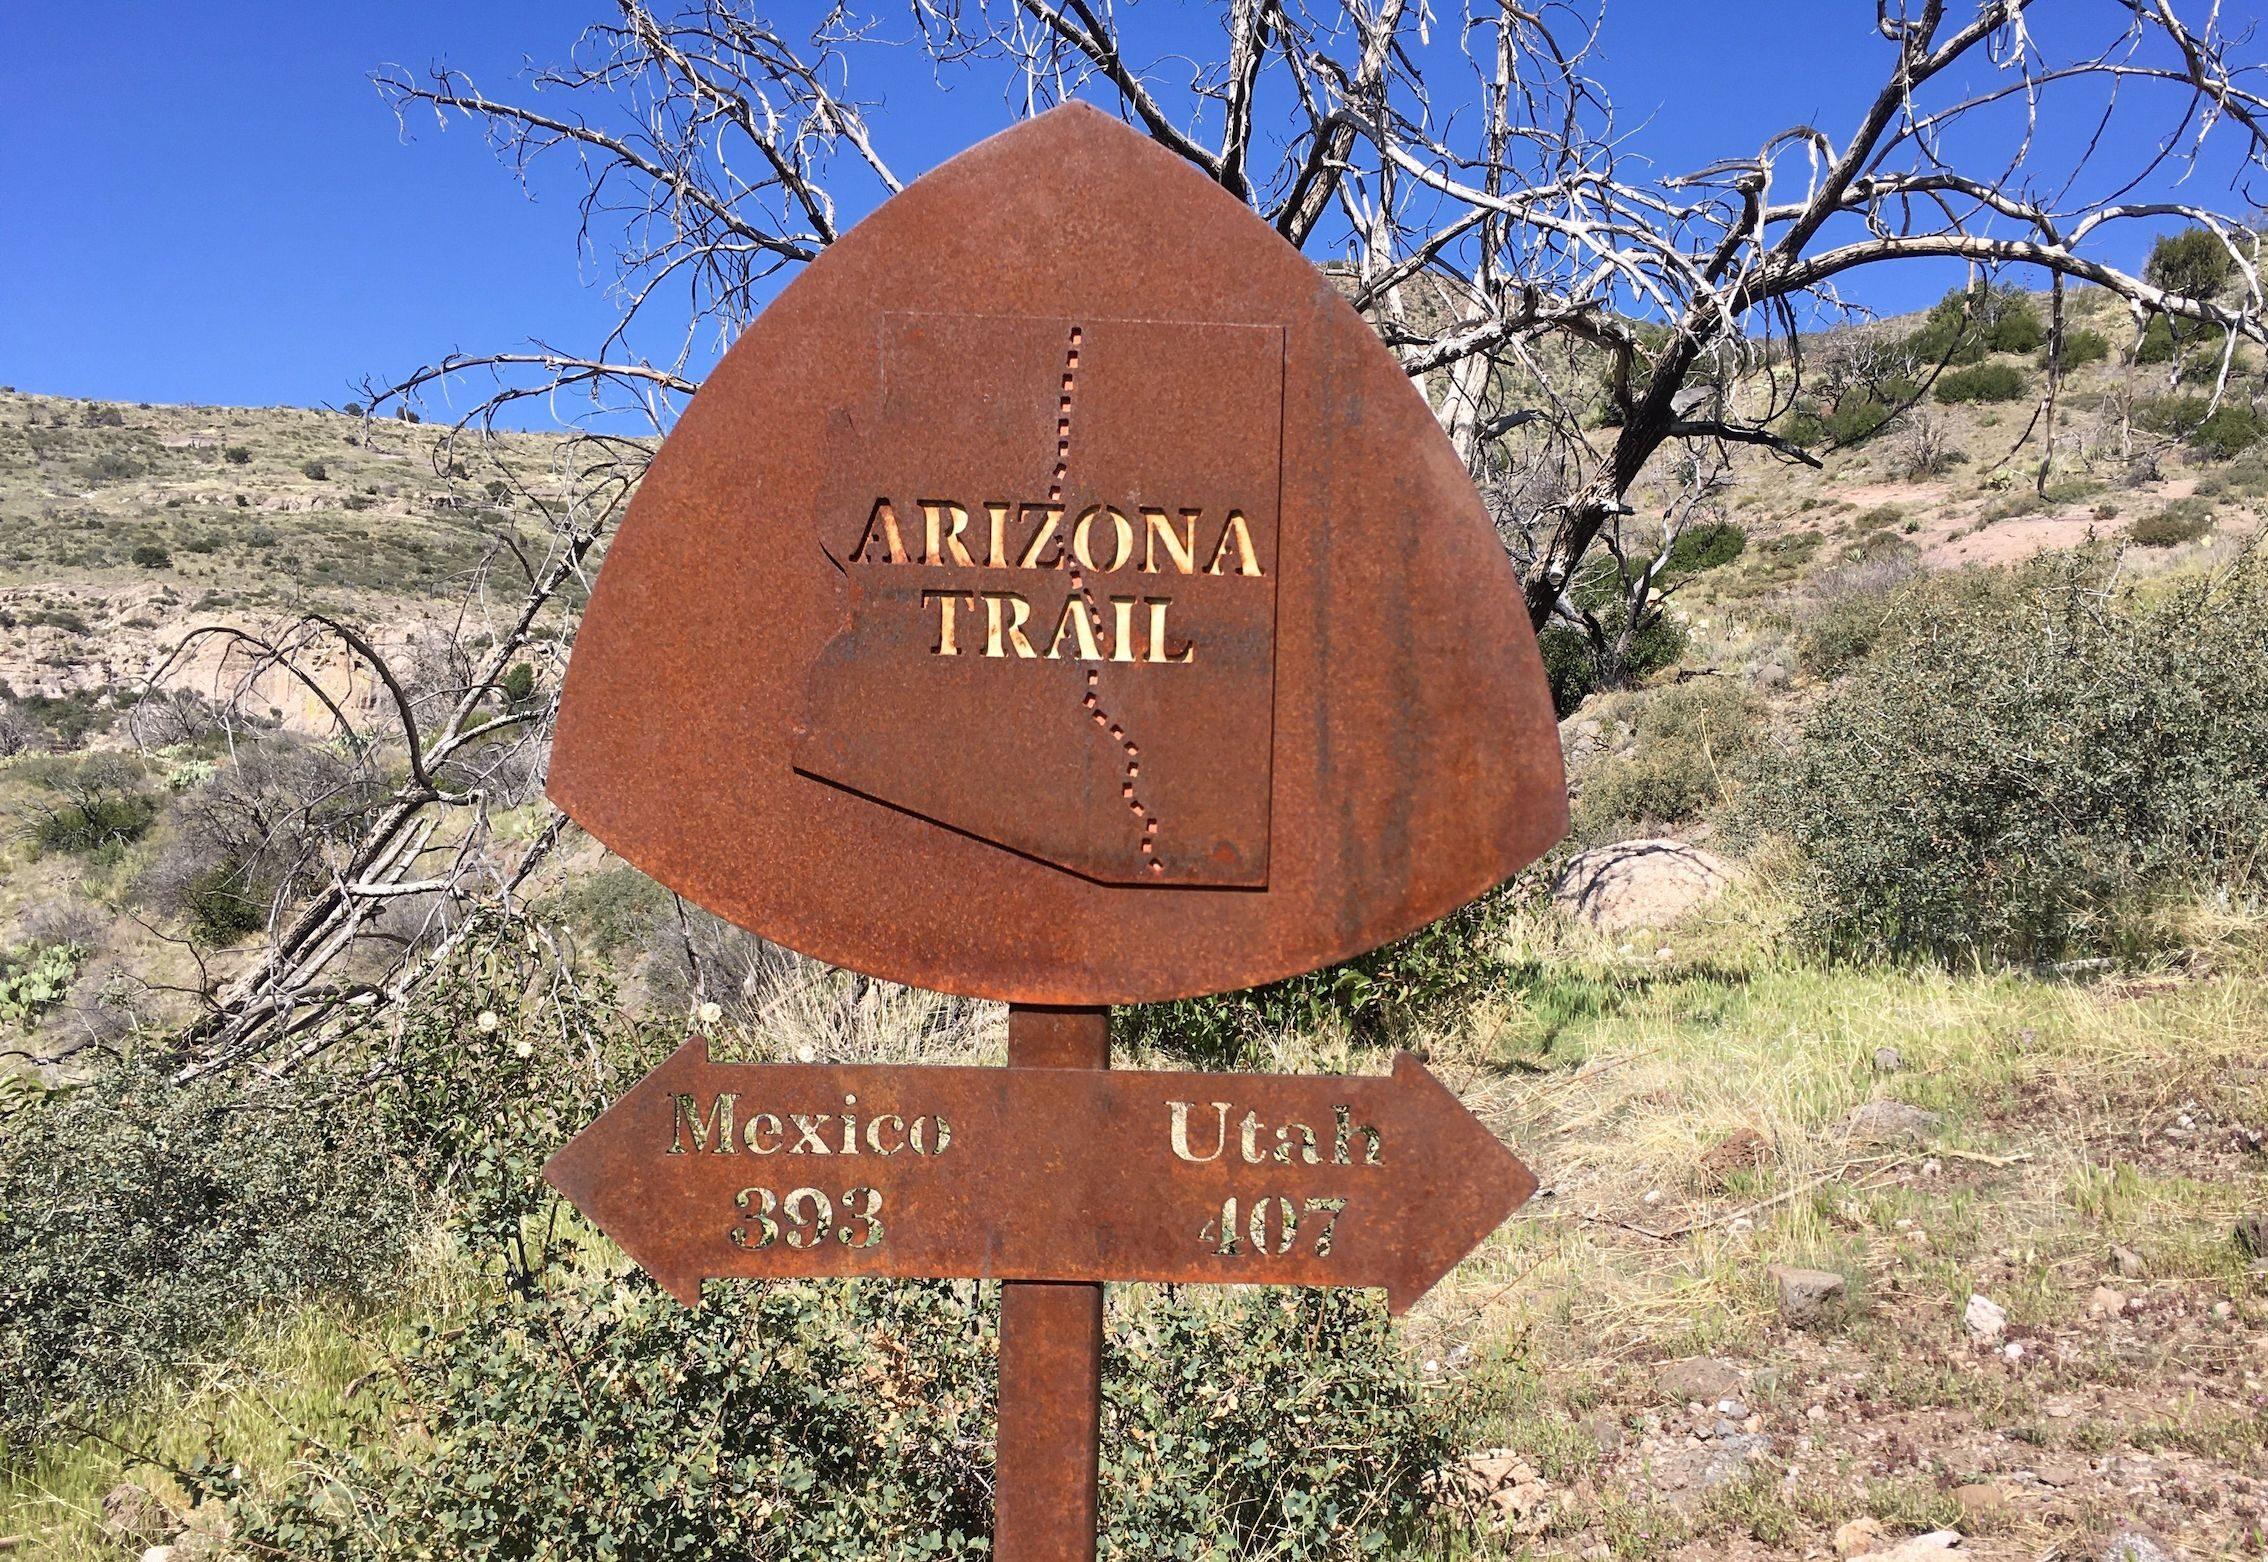 arizona trail sign